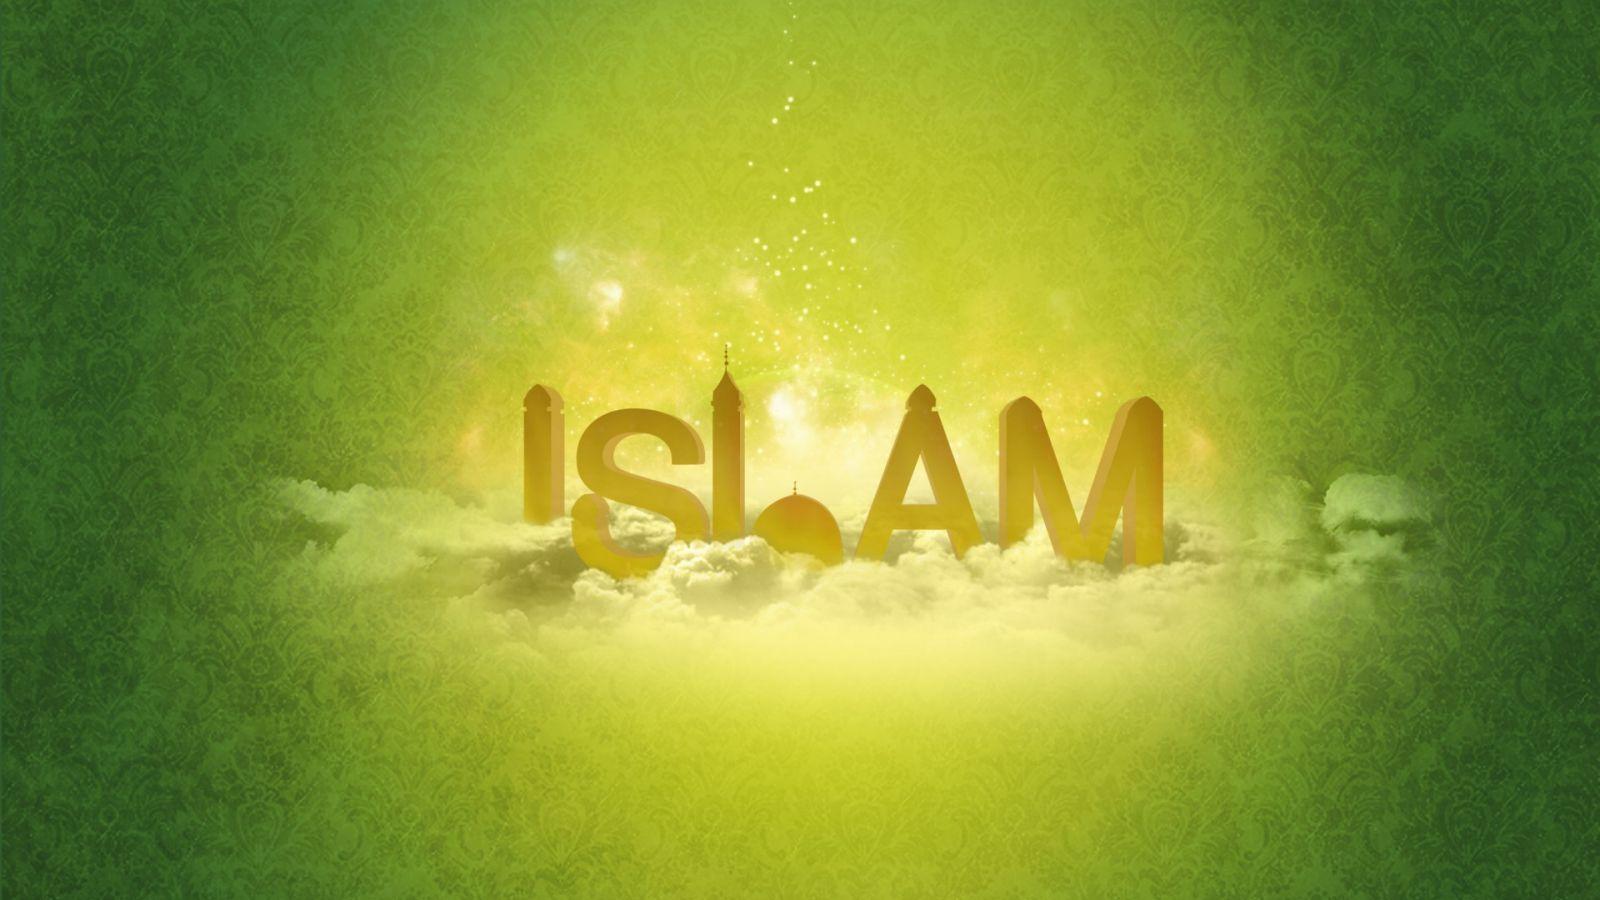 Müslüman Olması İçin Kimse Zorlanamaz